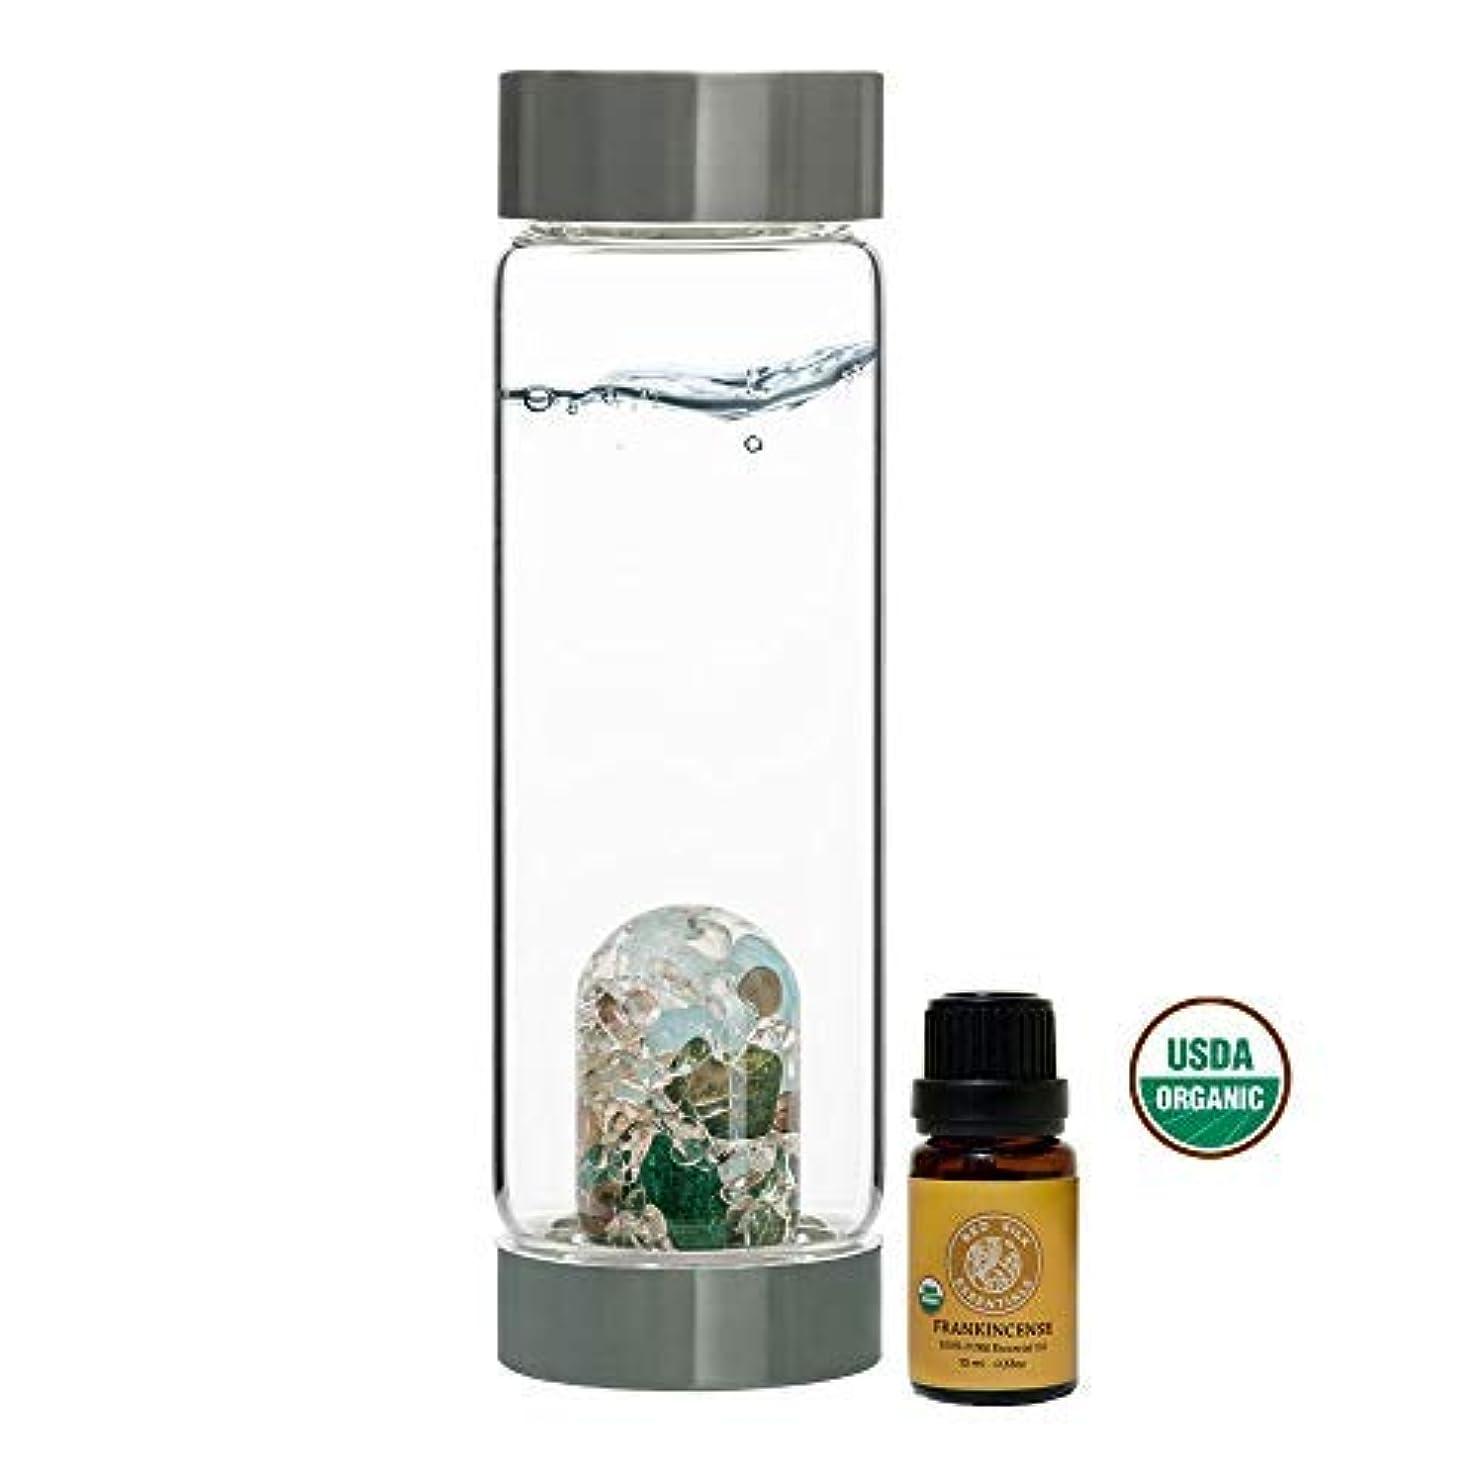 殉教者スクランブル根絶するVitaJuwel Gem Water Bottle ViA - Forever Young w/Free Organic Frankincense Essential Oil [並行輸入品]